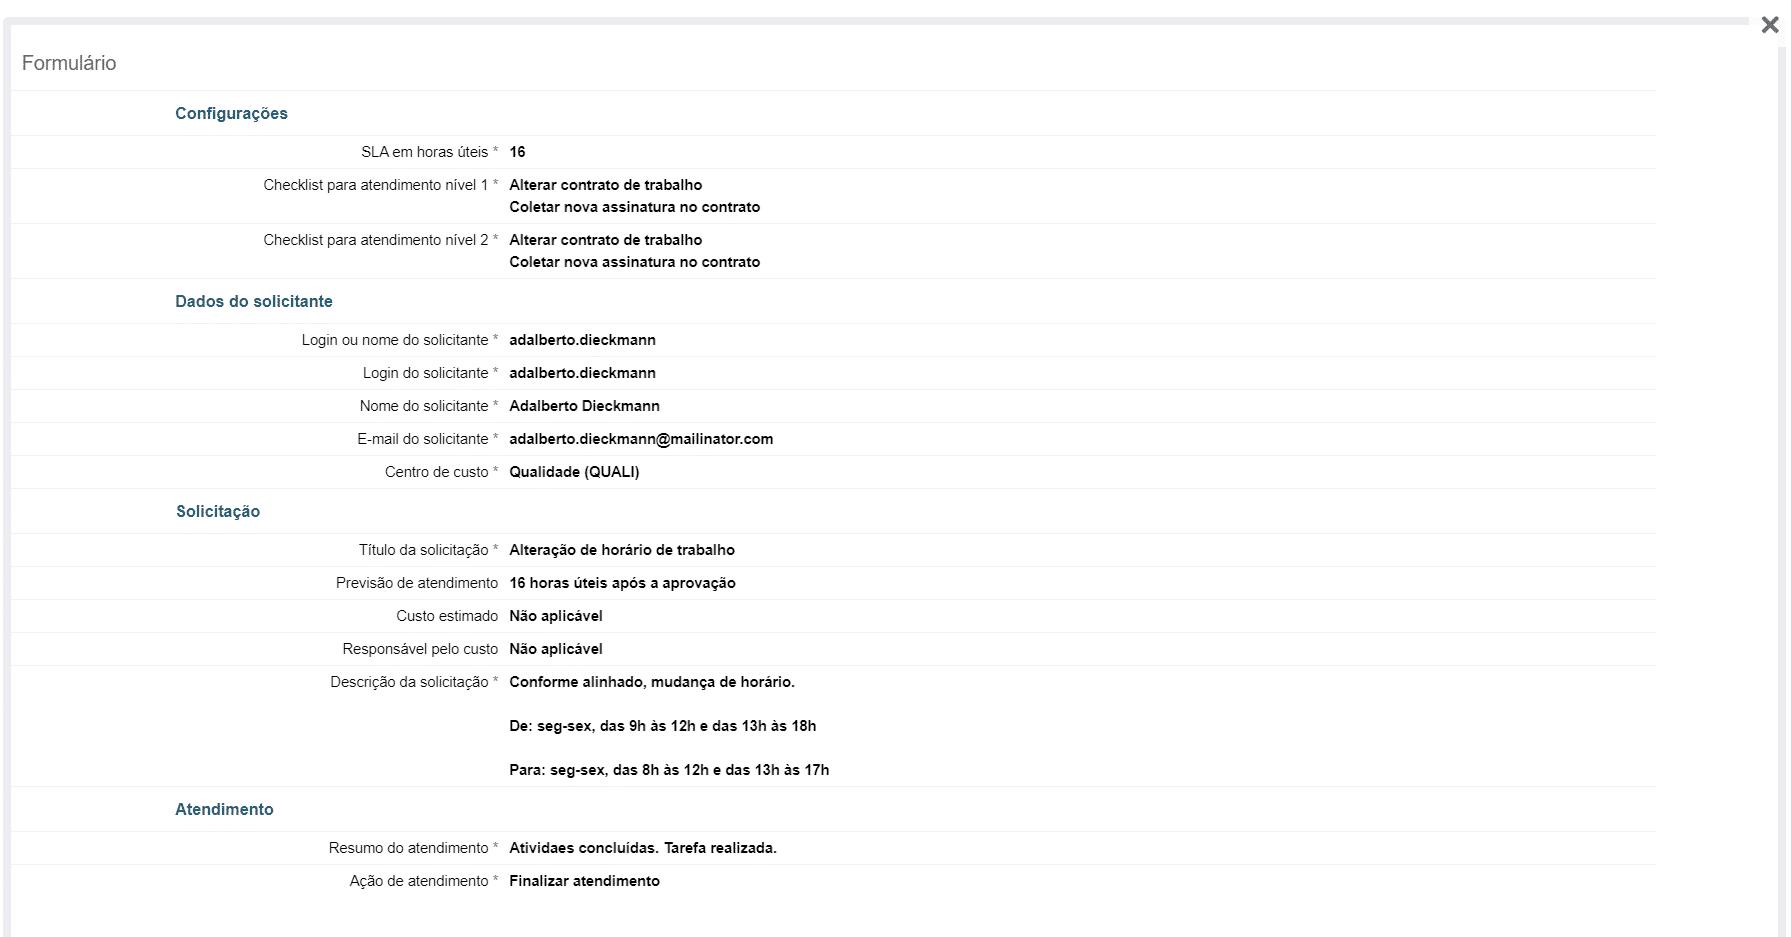 Orquestra - Informações do processo